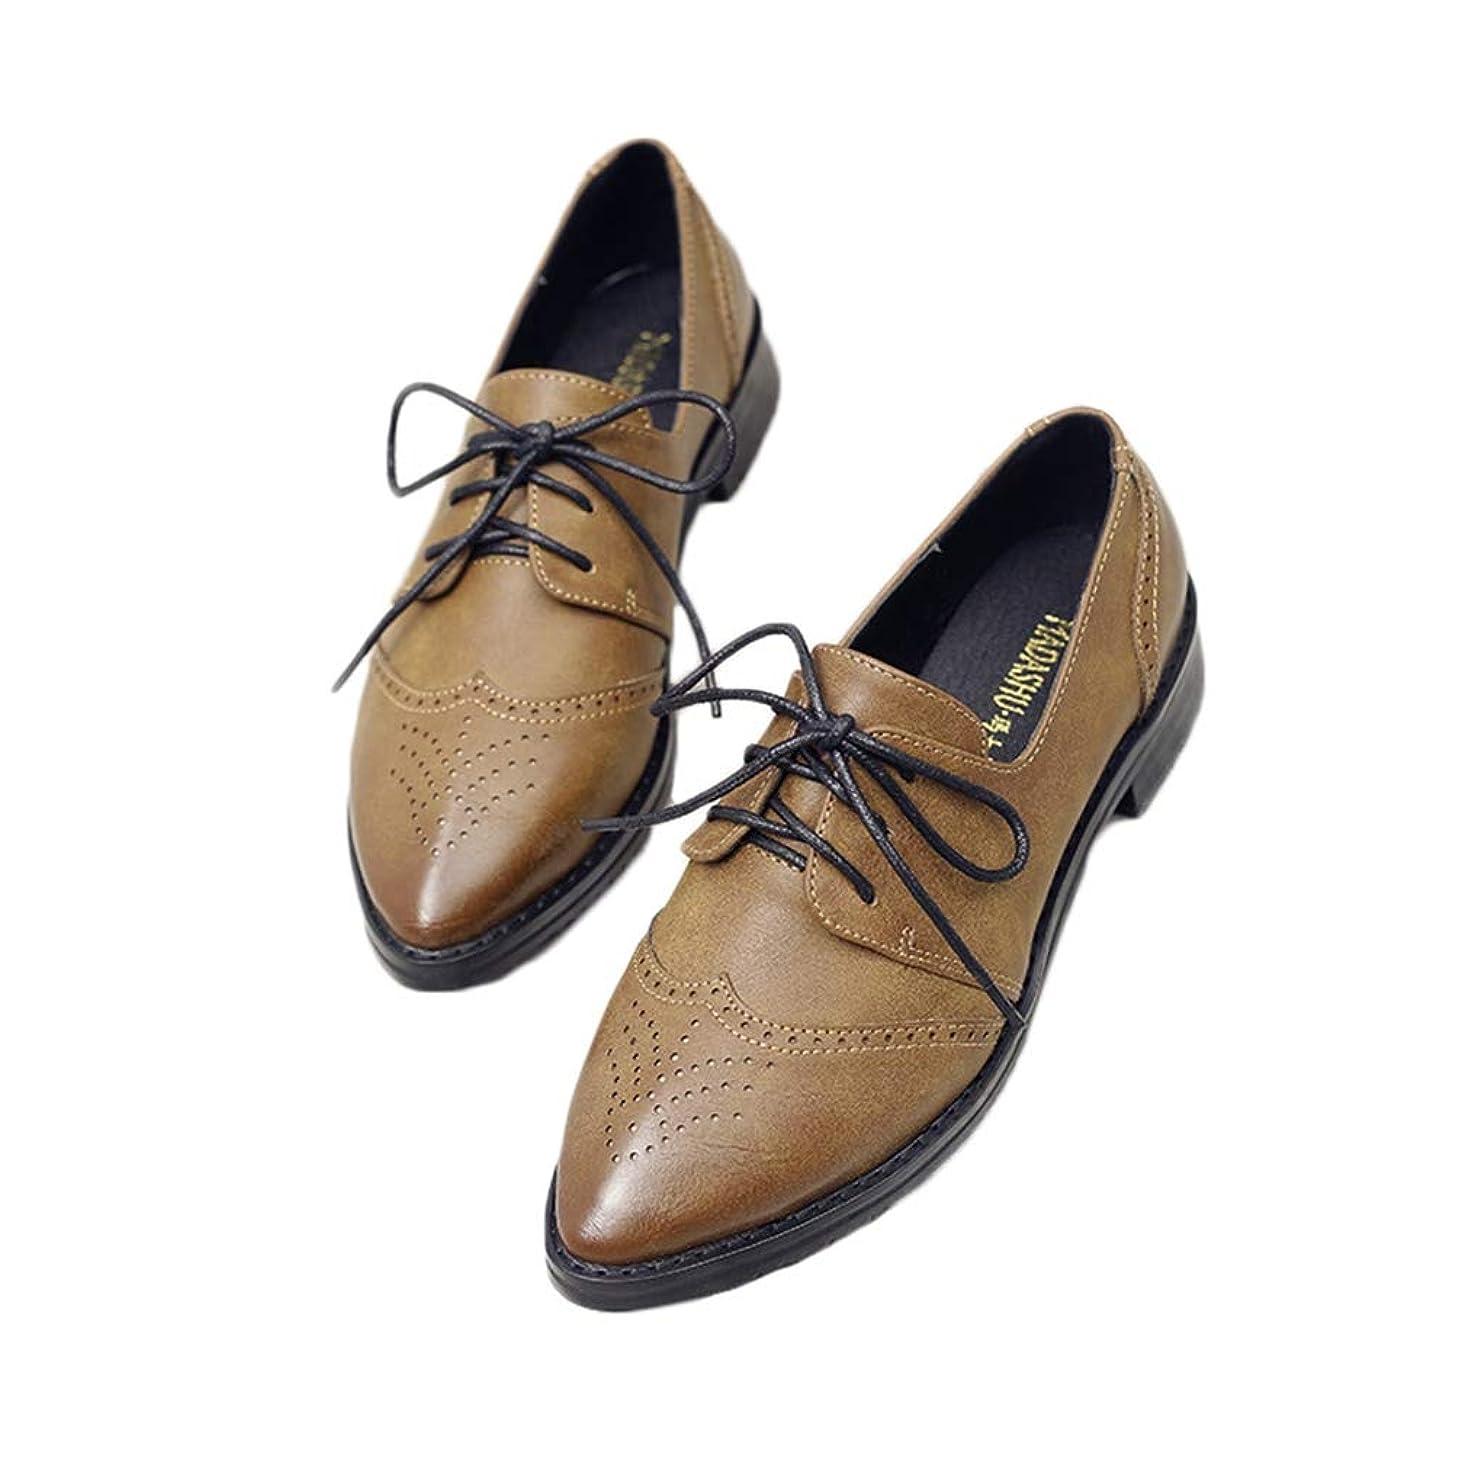 メンバーマウント項目レースアップシューズ レディース オックスフォード おじ靴 靴 マニッシュシューズ ウイングチップ とんがり靴 大きいサイズ オックスフォードシューズ フラット ローヒール ポインテッドトゥ かっこいい カジュアル 黒